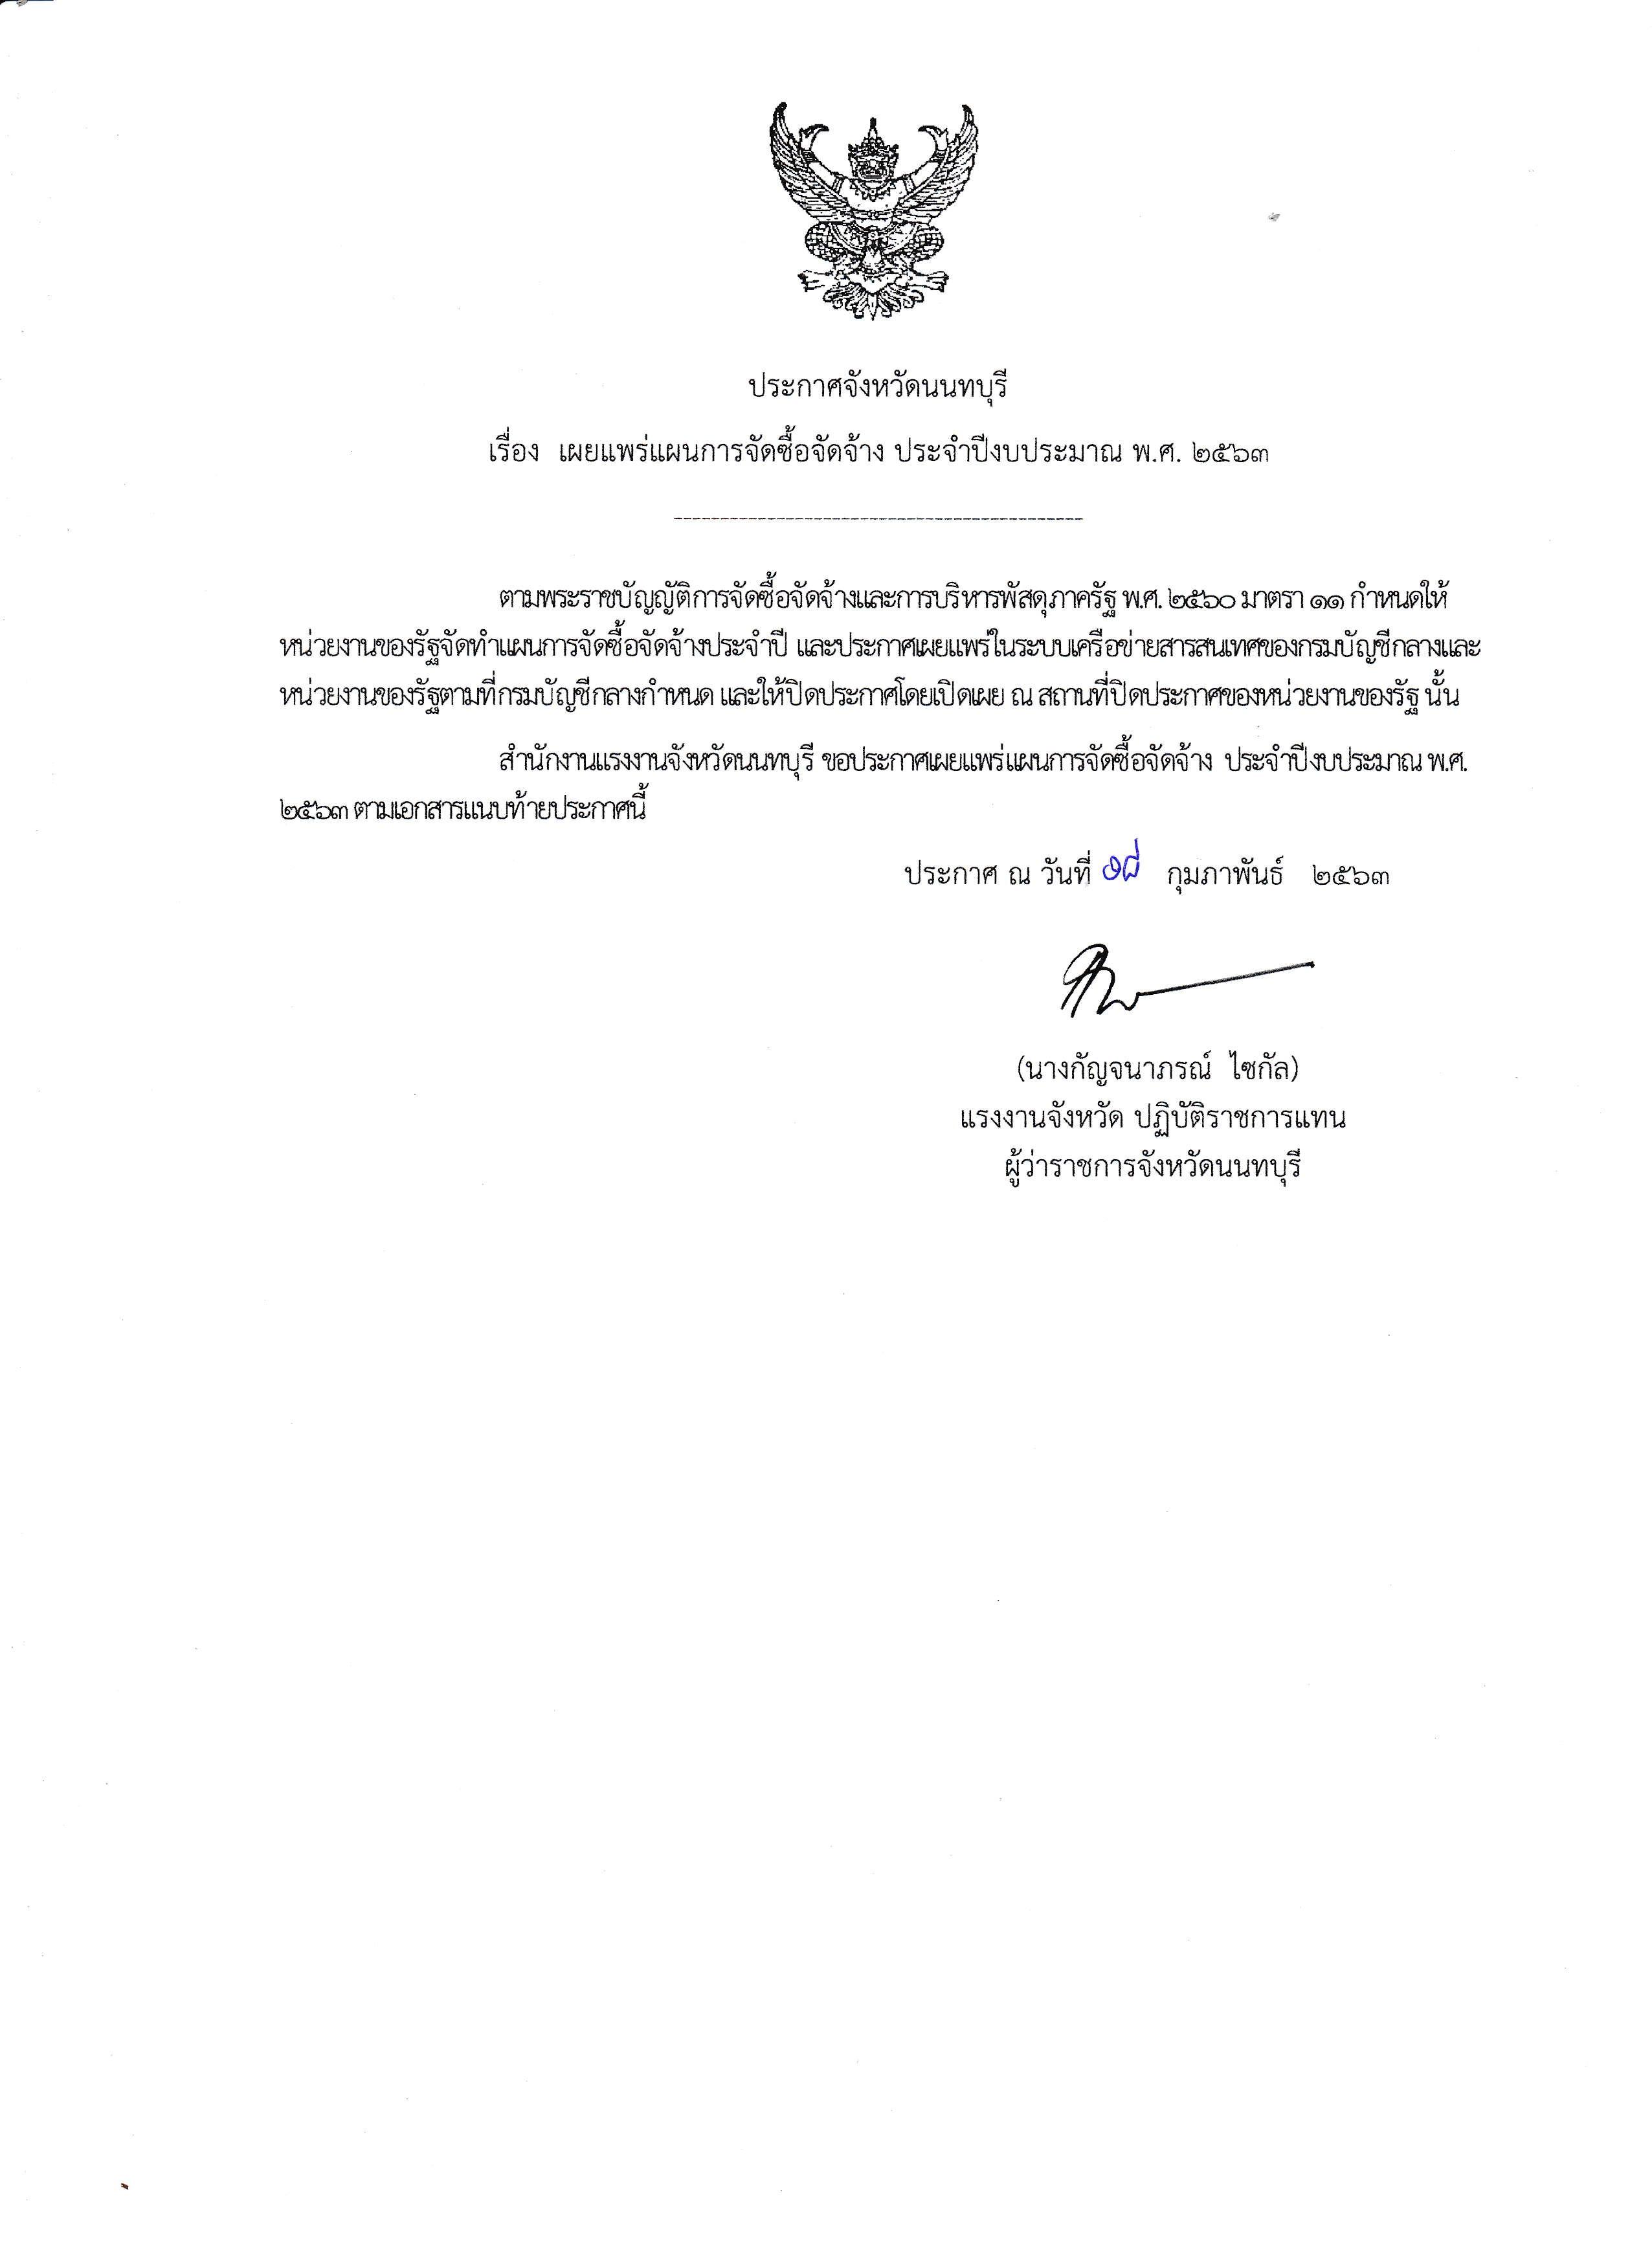 ประกาศจังหวัดนนทบุรี เรื่องเผยแพร่แผนการจัดซื้อจัดจ้าง ประจำปีงบประมาณ พ.ศ.2563